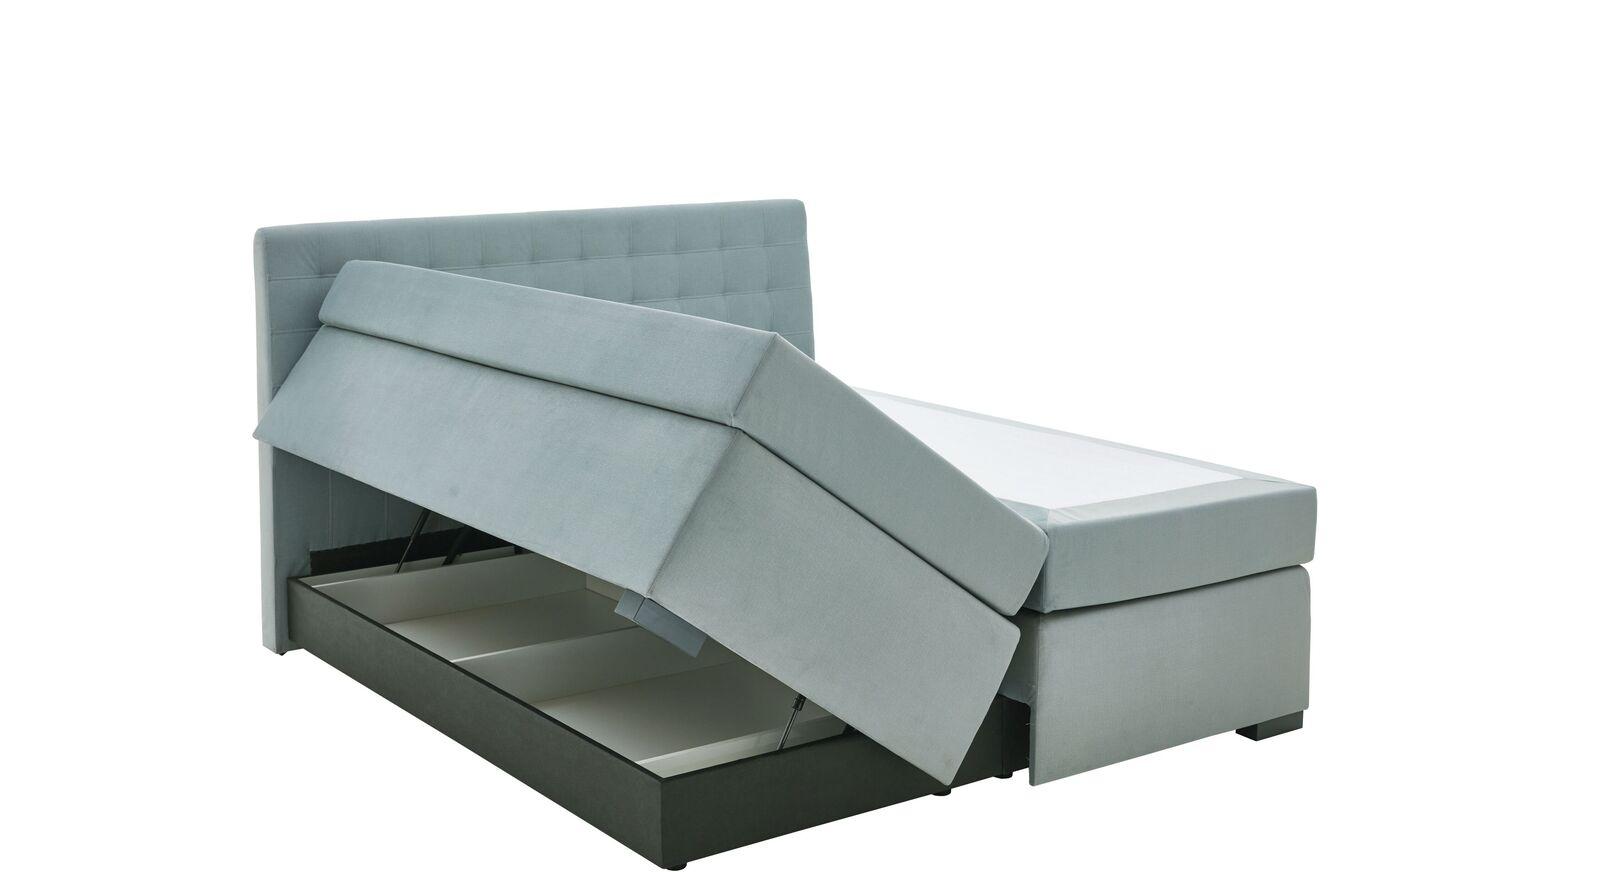 Bettkasten-Boxspringbett Edessa mit praktischen Gasdruckfedern